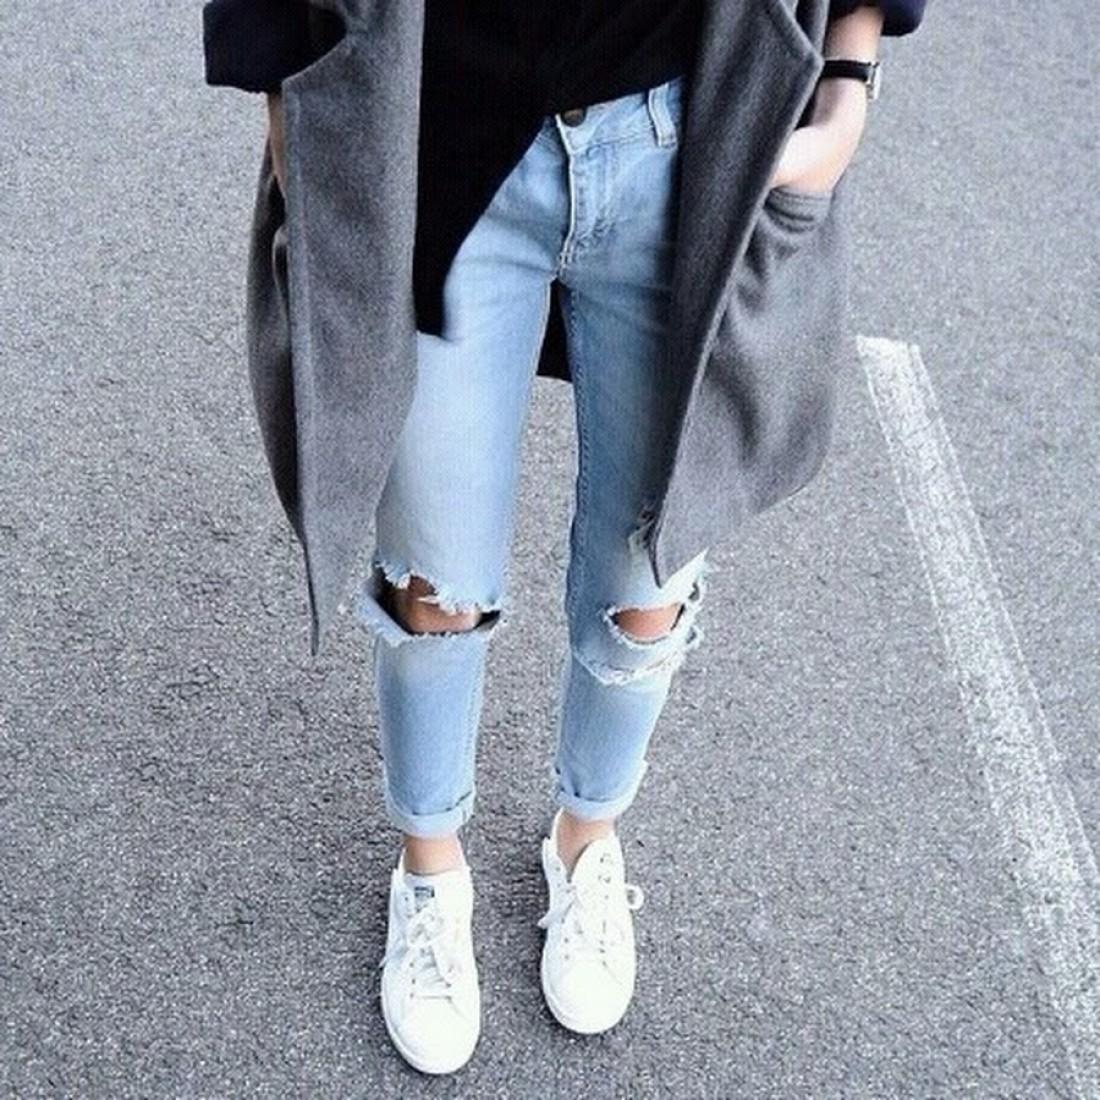 И зимой, и летом джинсы – незаменимый атрибут стиля